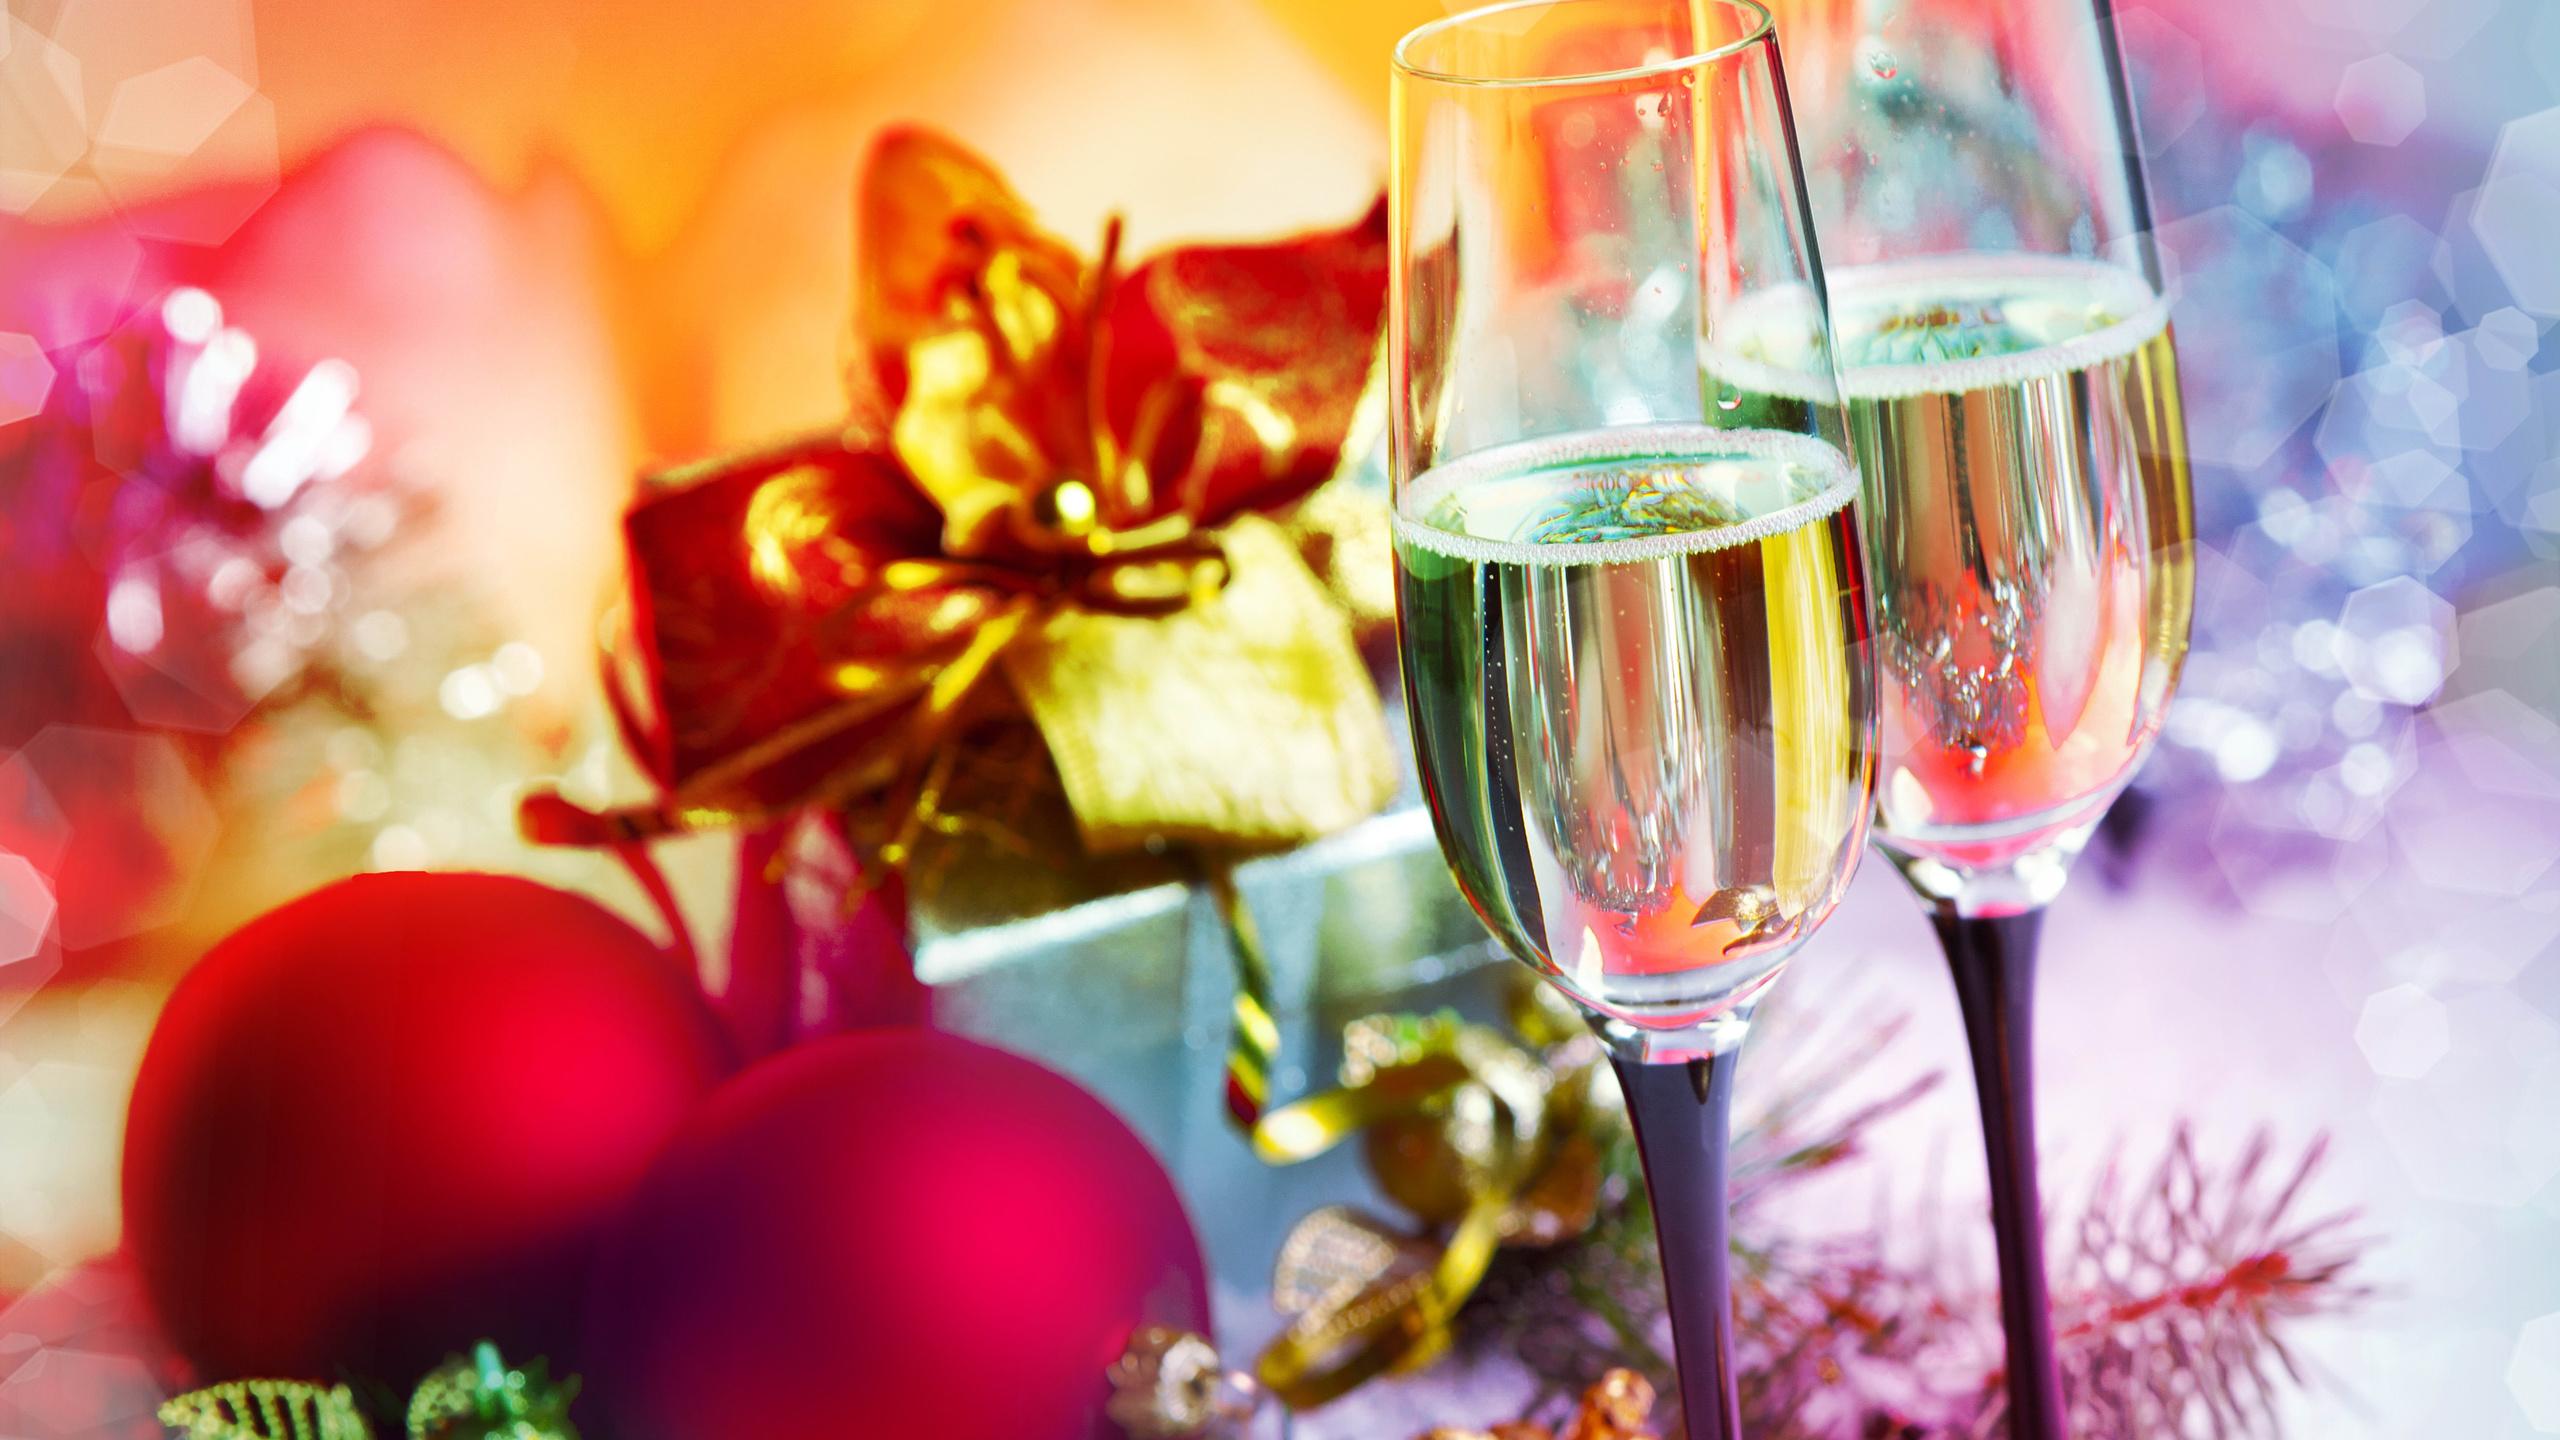 мне доведётся новогоднее яблоко и шампанское цветы фото бесплатно широкоформатные